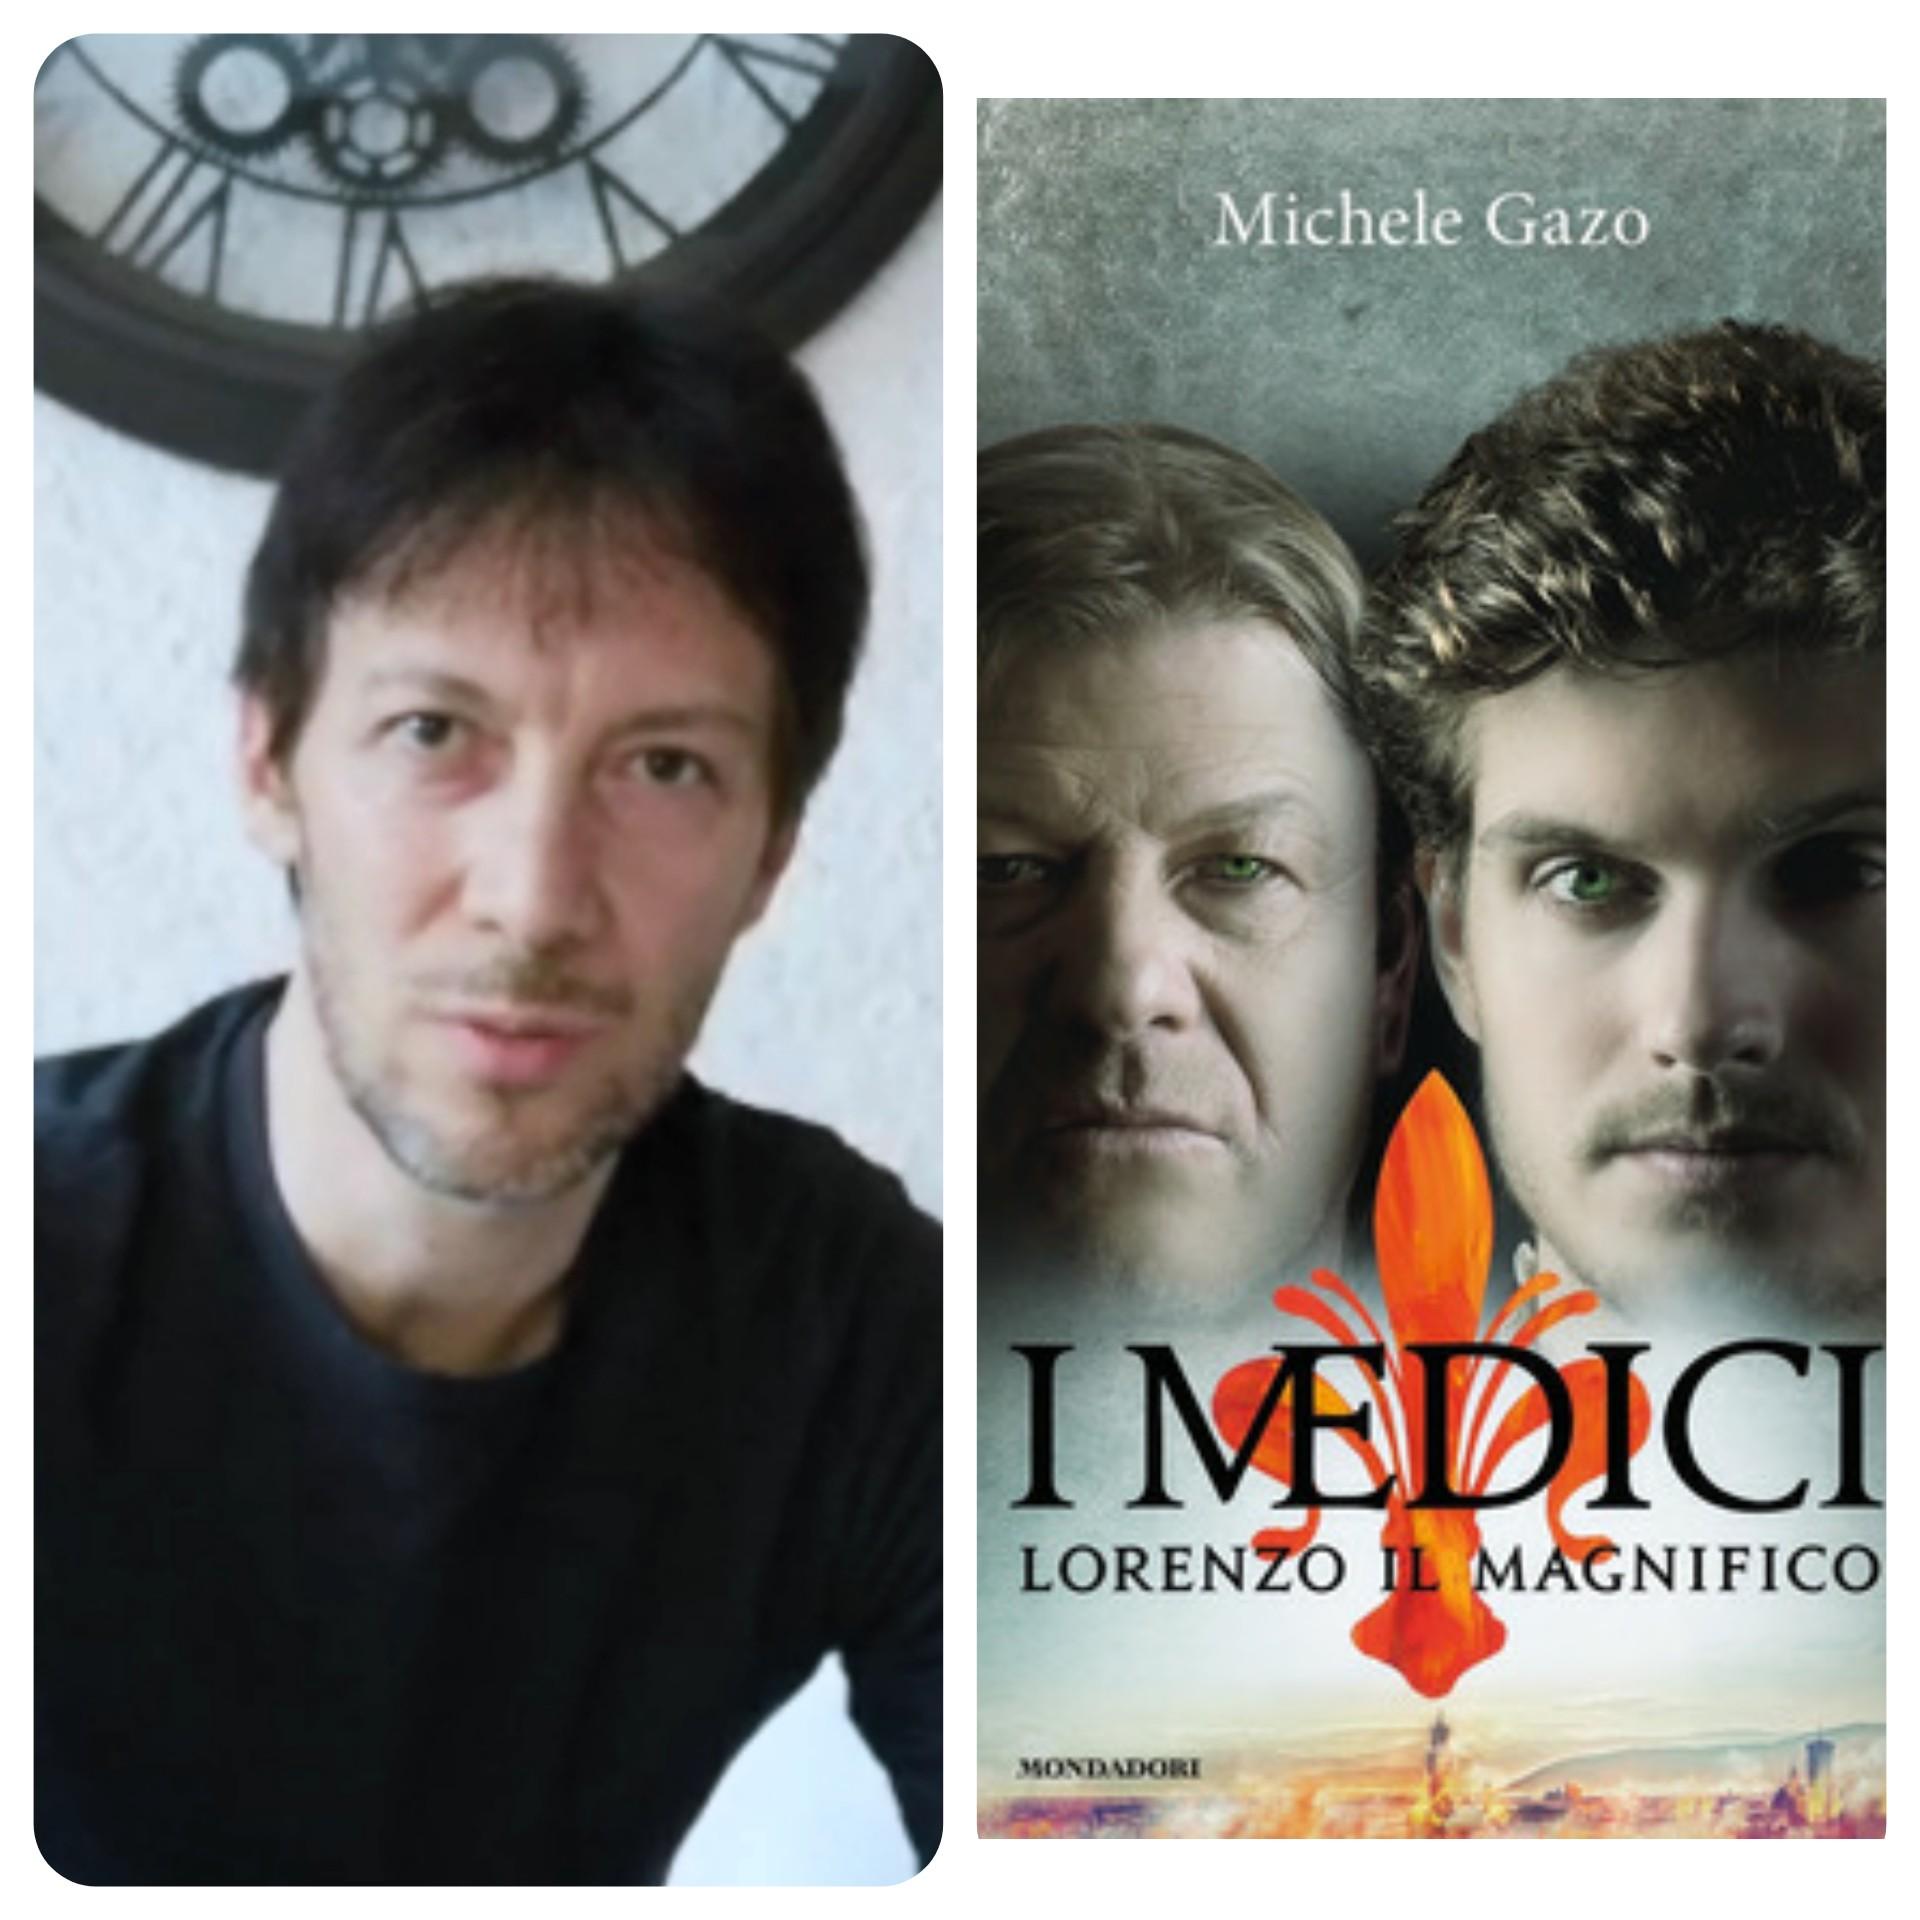 """""""Ve lo legge lo scrittore"""" con Michele Gazo autore del romanzo """"I Medici"""" Lorenzo il Magnifico edito da Mondadori"""